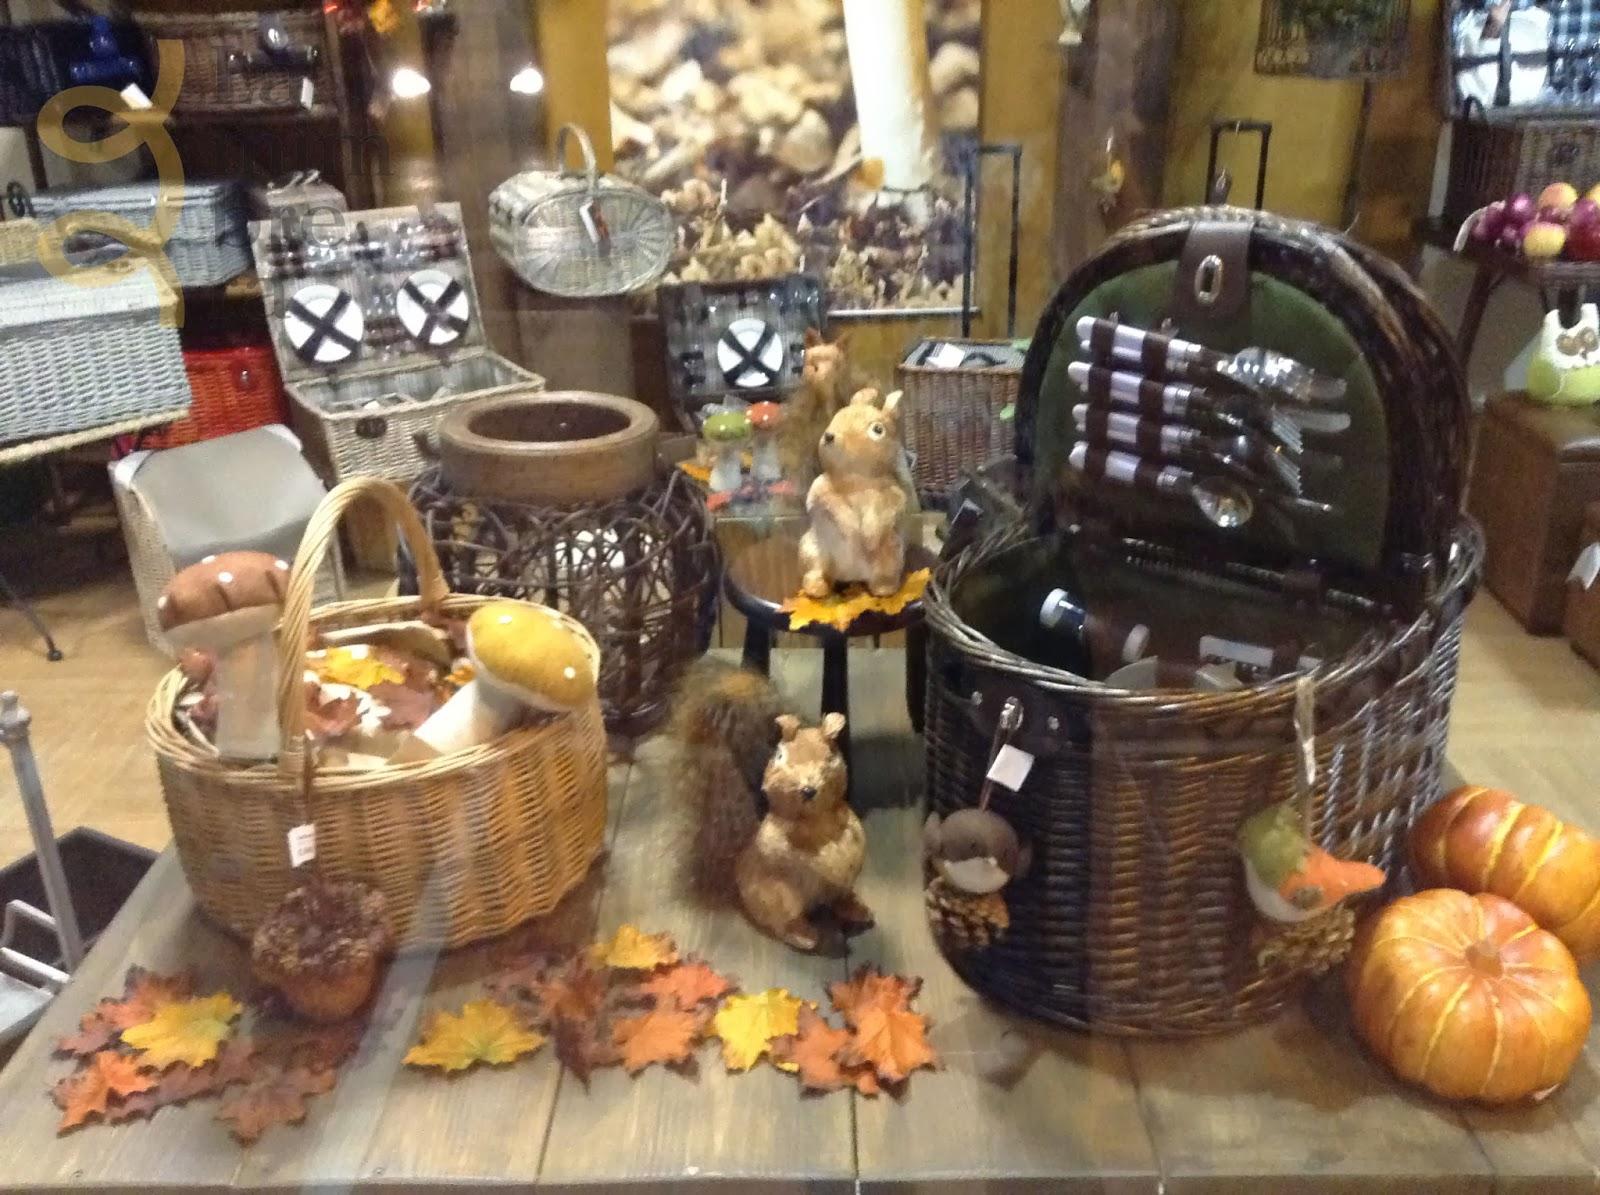 La mimbrera shop continuaci n de decoraci n oto al for Setas decoracion